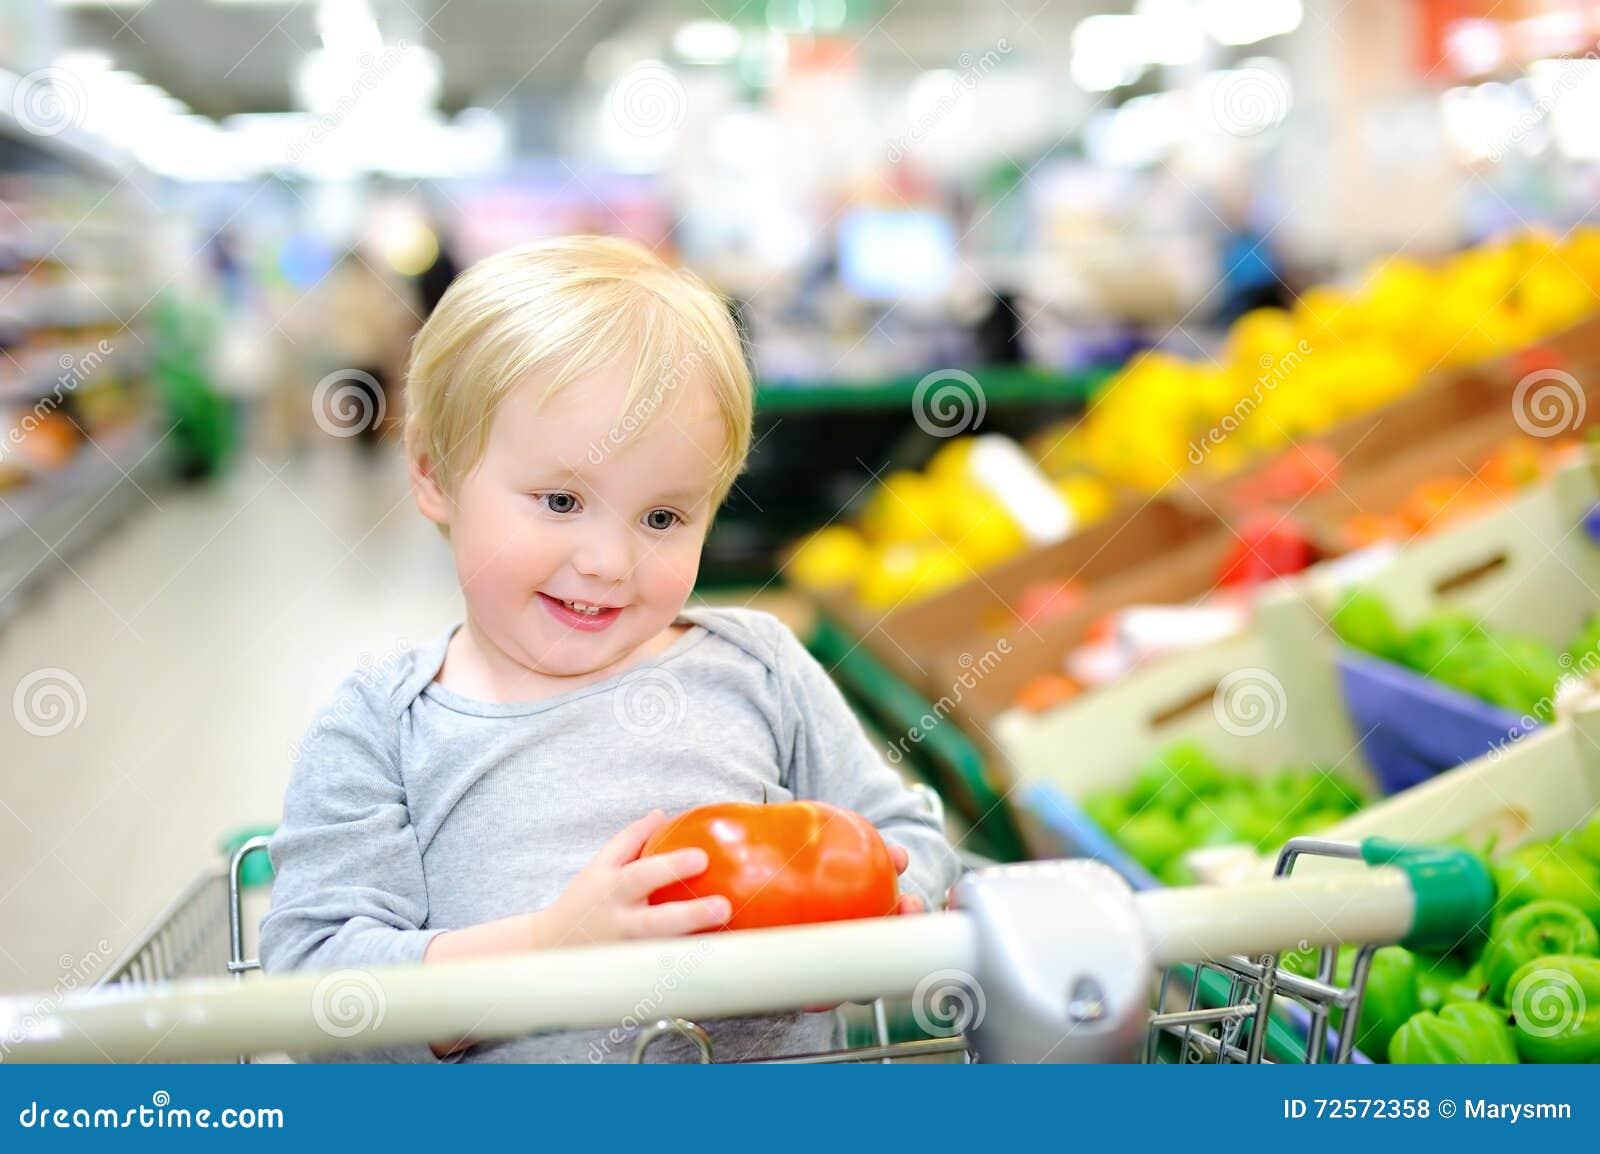 Ni o peque o que se sienta en el carro de la compra en un - Foto nino pequeno ...